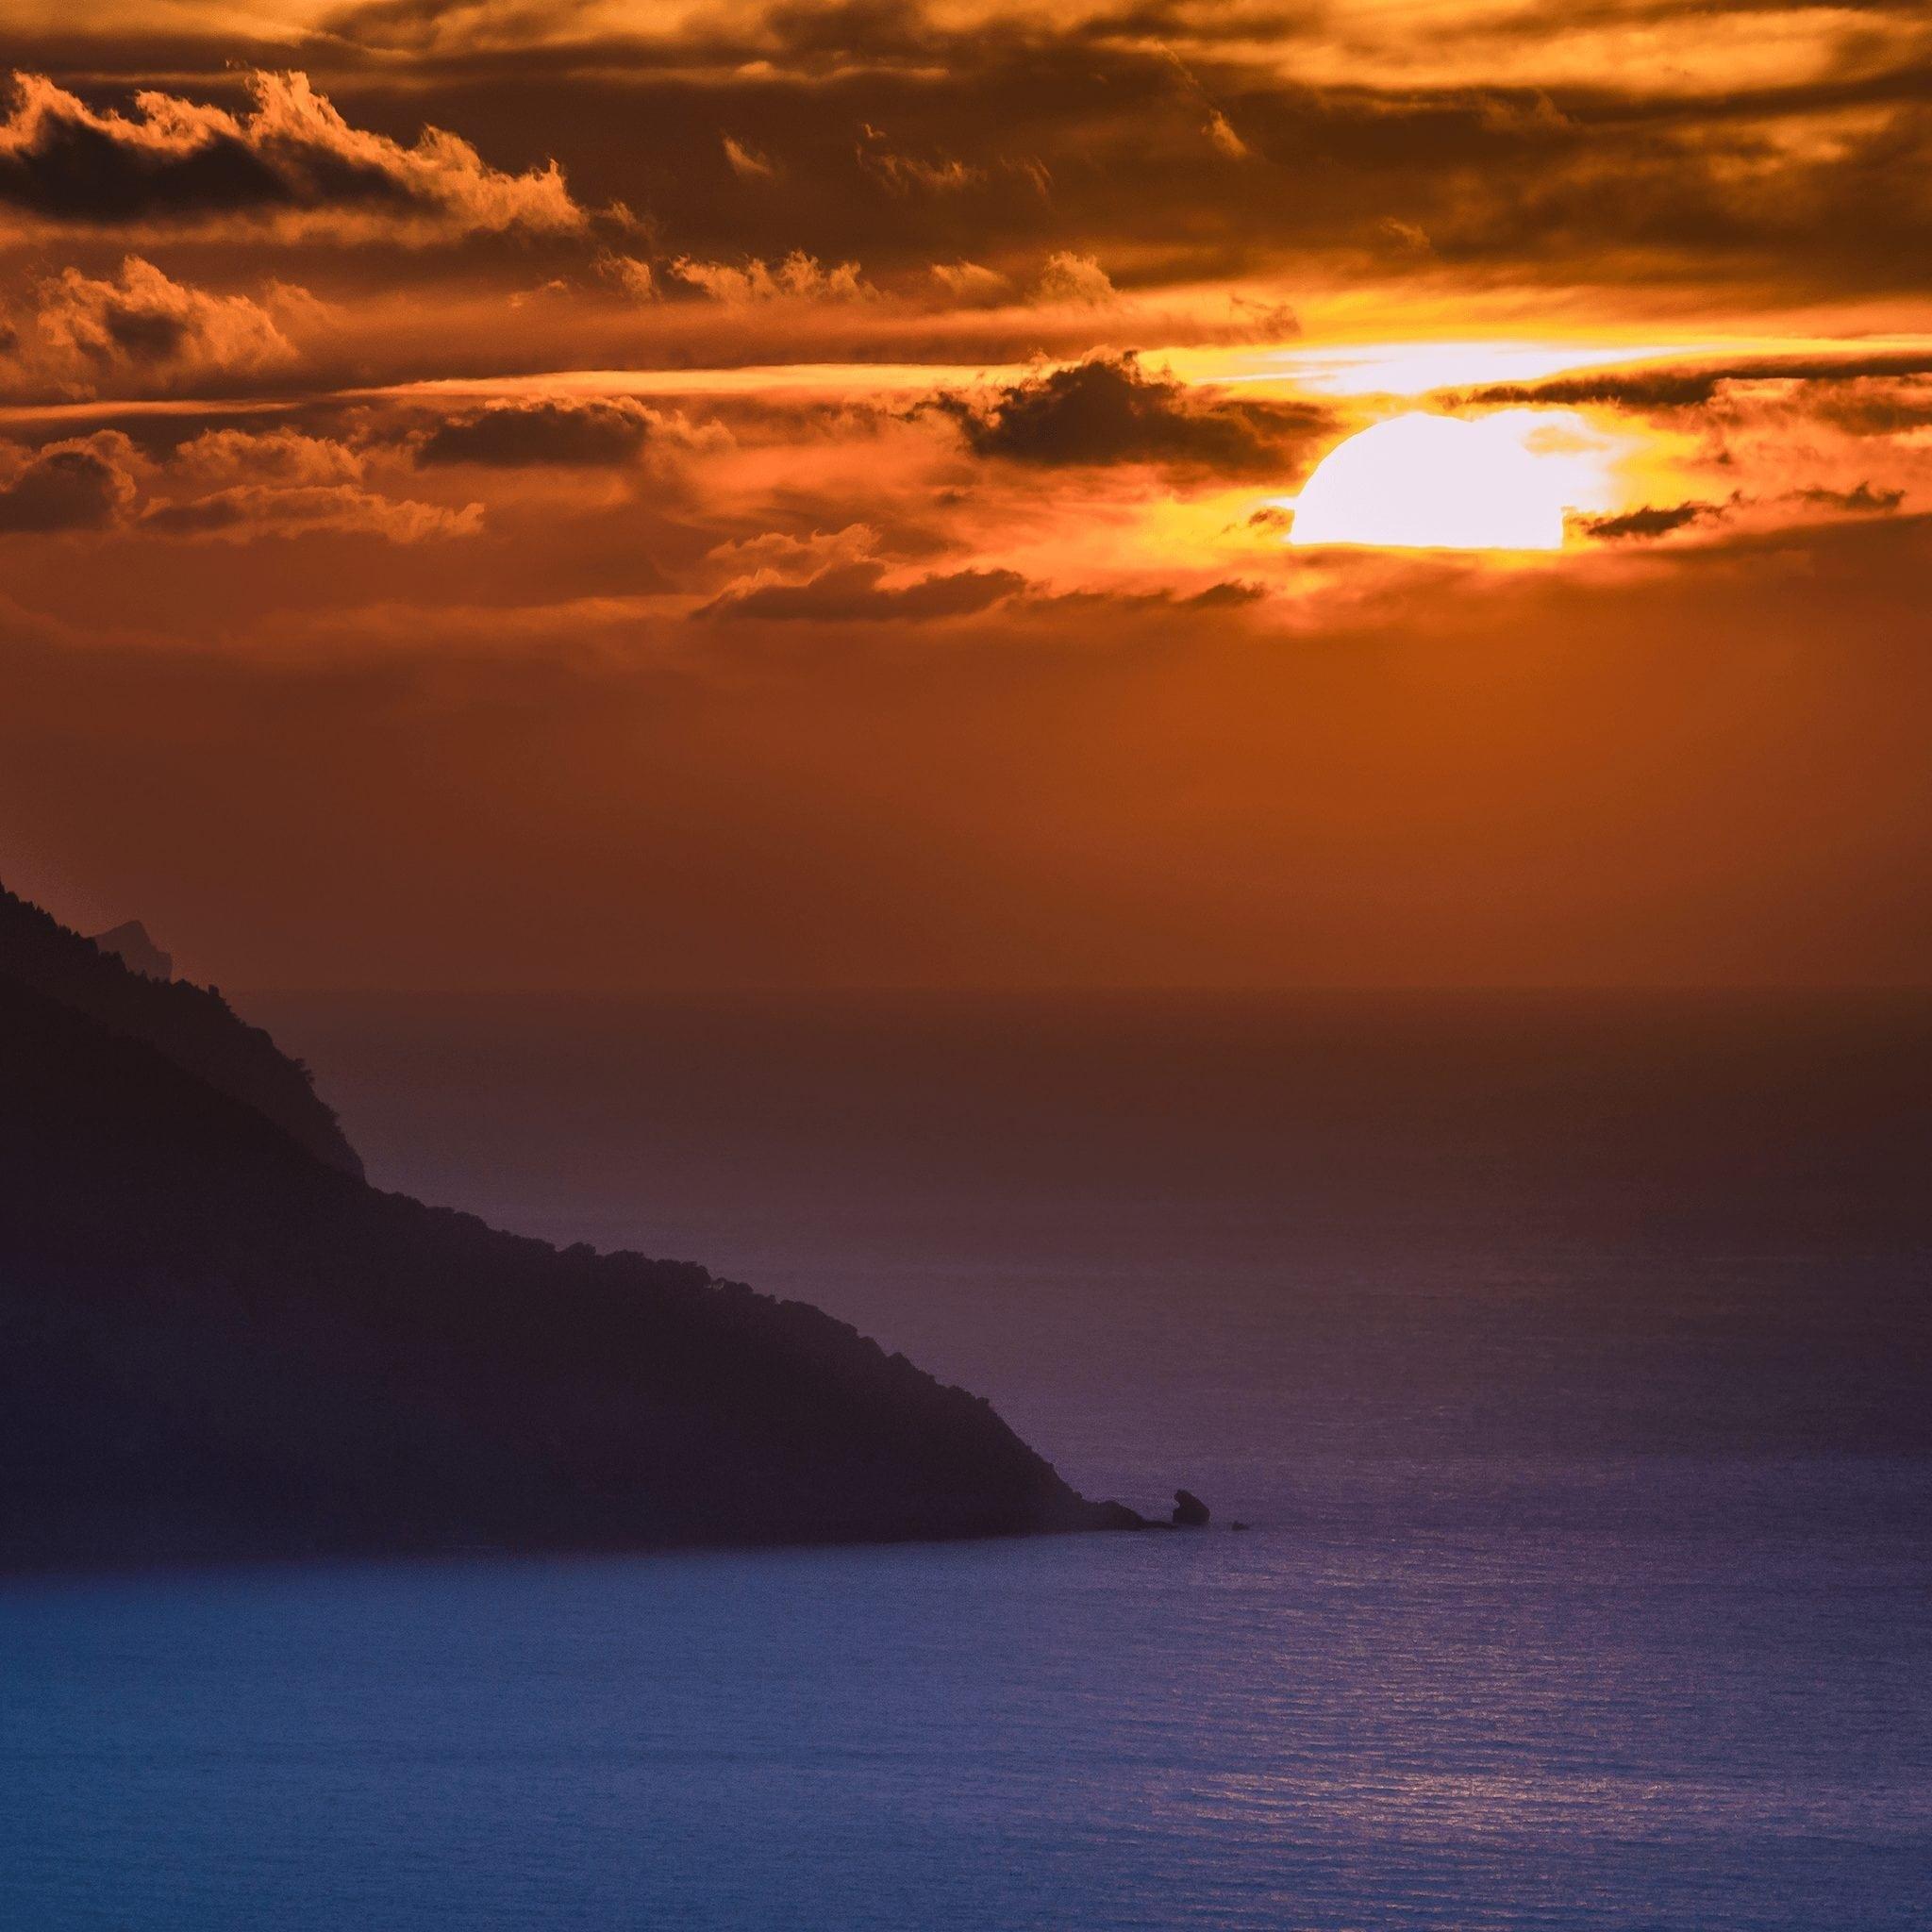 beautiful_wallpapers_ipad_air_2_sunsetinpalma